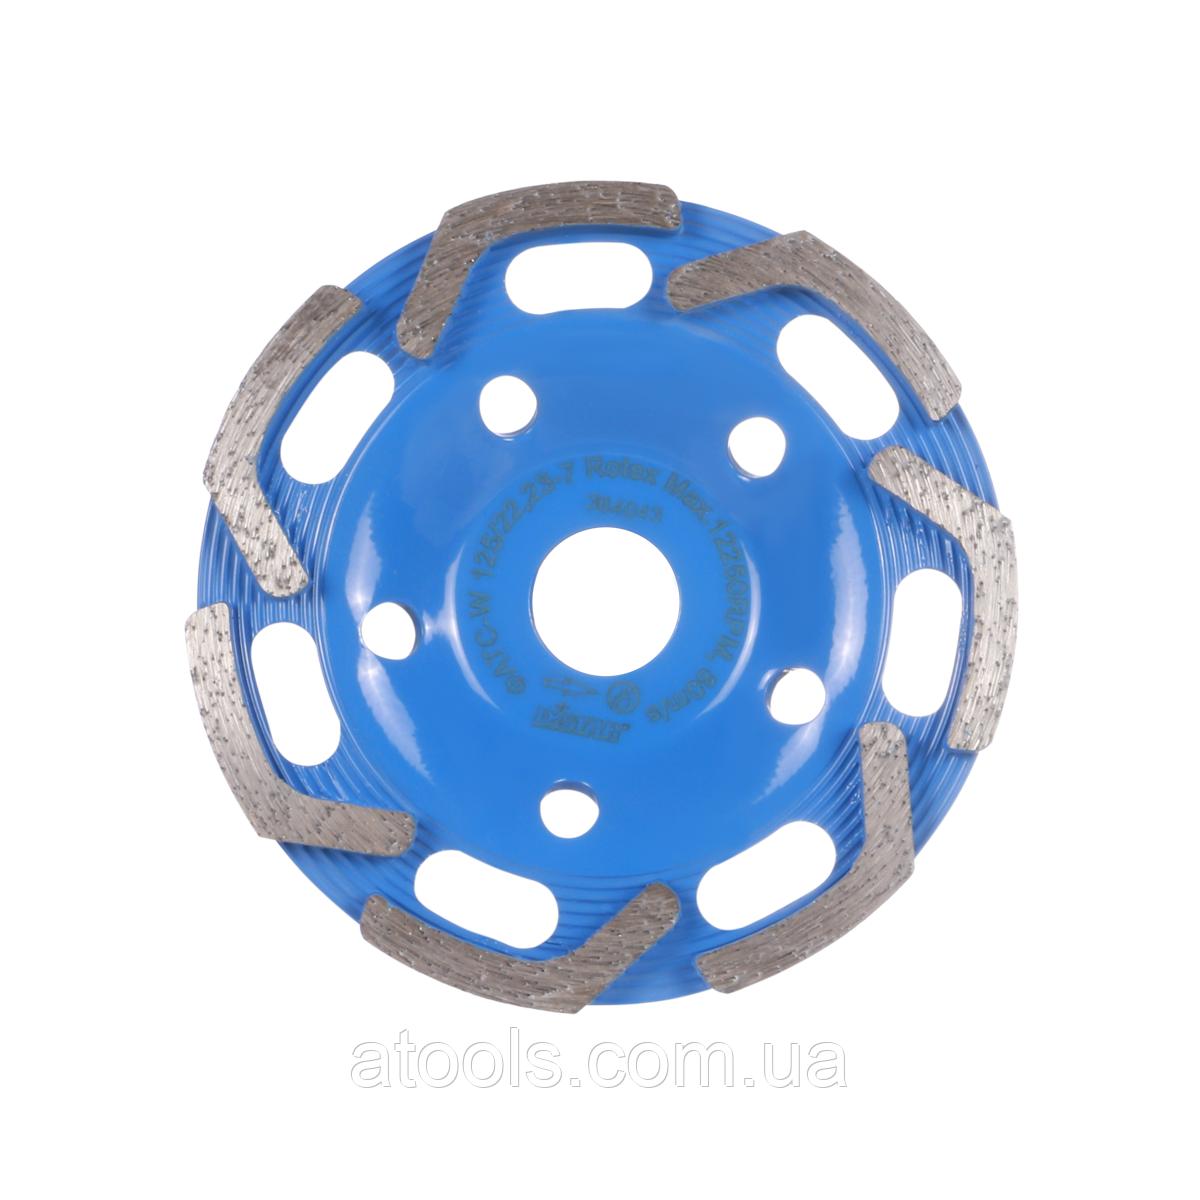 Фреза шліфувальна Distar Rotex DGS-W 150/22.23x7 (16915067012)